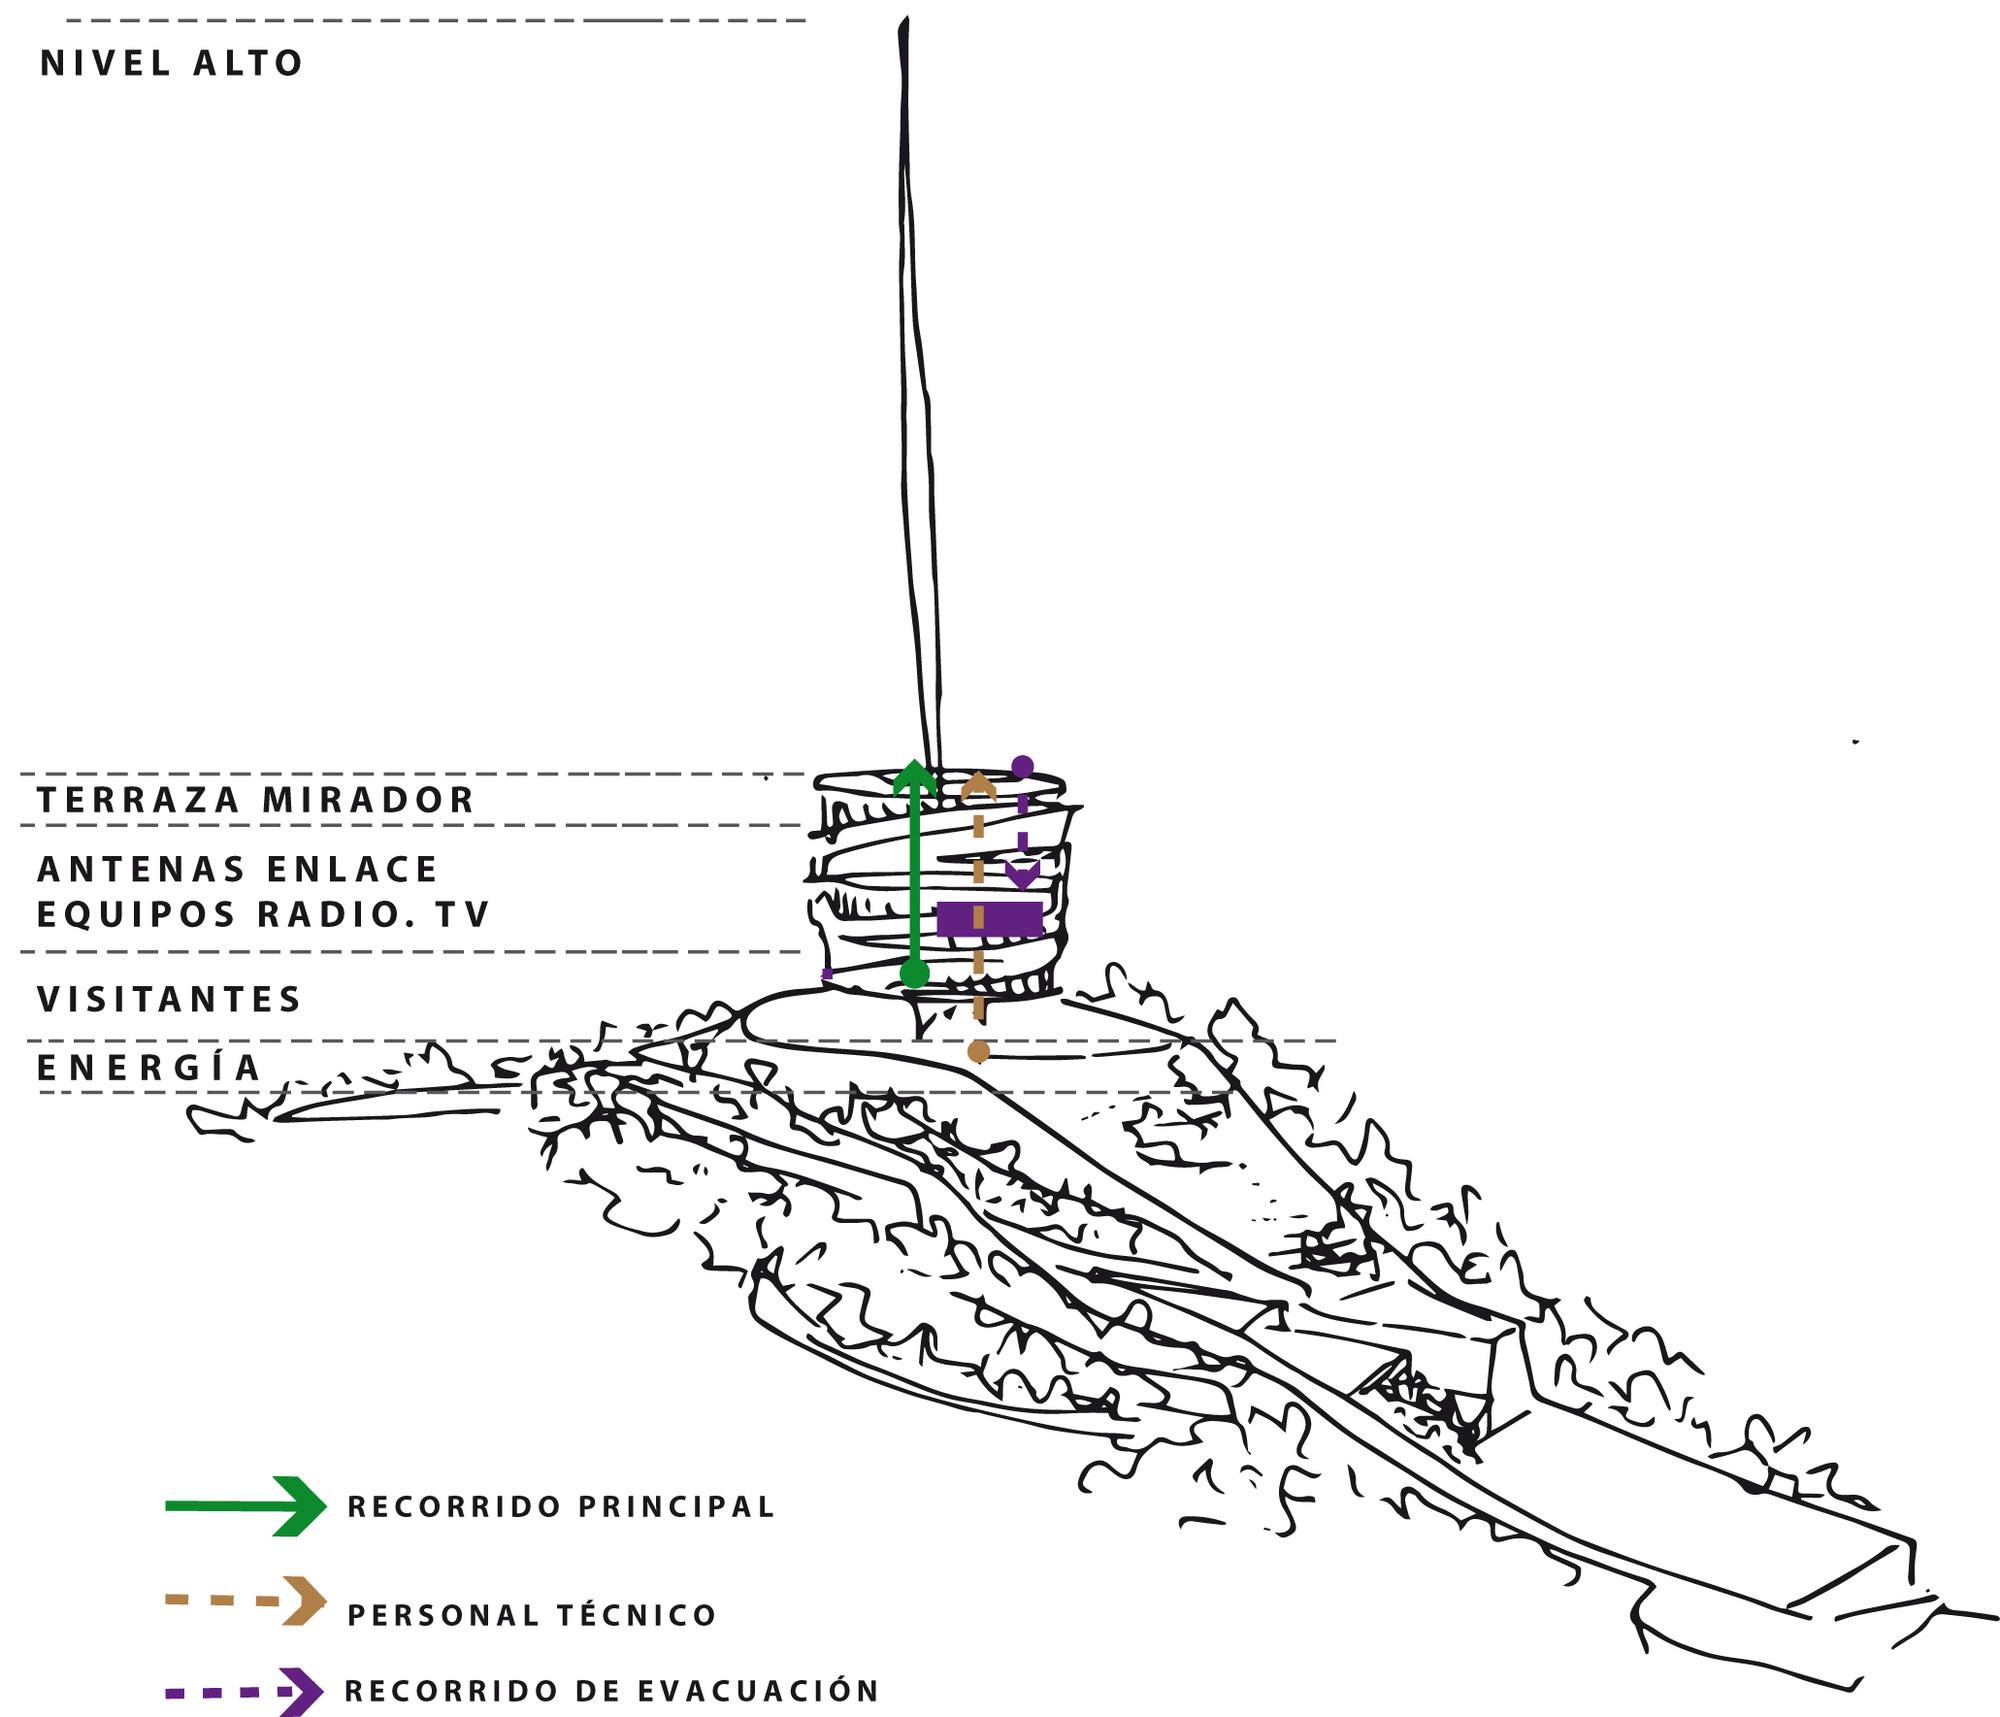 Esquema programas. Image Courtesy of GmasP® Ingeniería y arquitectura+ Sáez Joannon